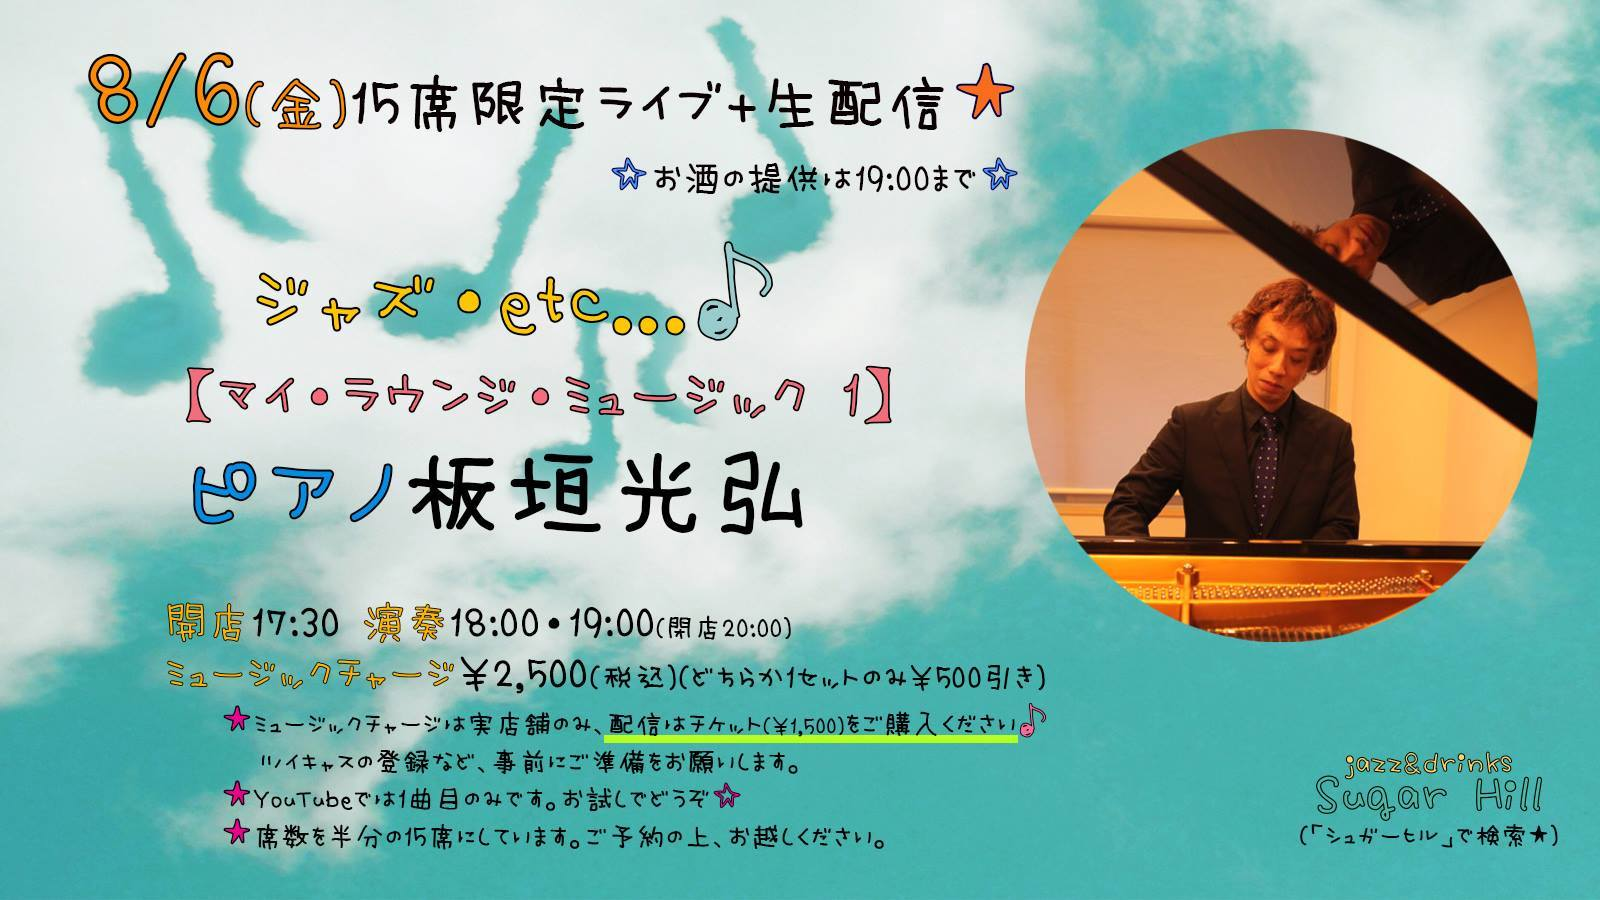 Pianoいたがき夏フェス第1弾その② ソロピアノ『マイ・ラウンジ・ミュージック 1』@草加シュガーヒル_d0003502_22031202.jpg